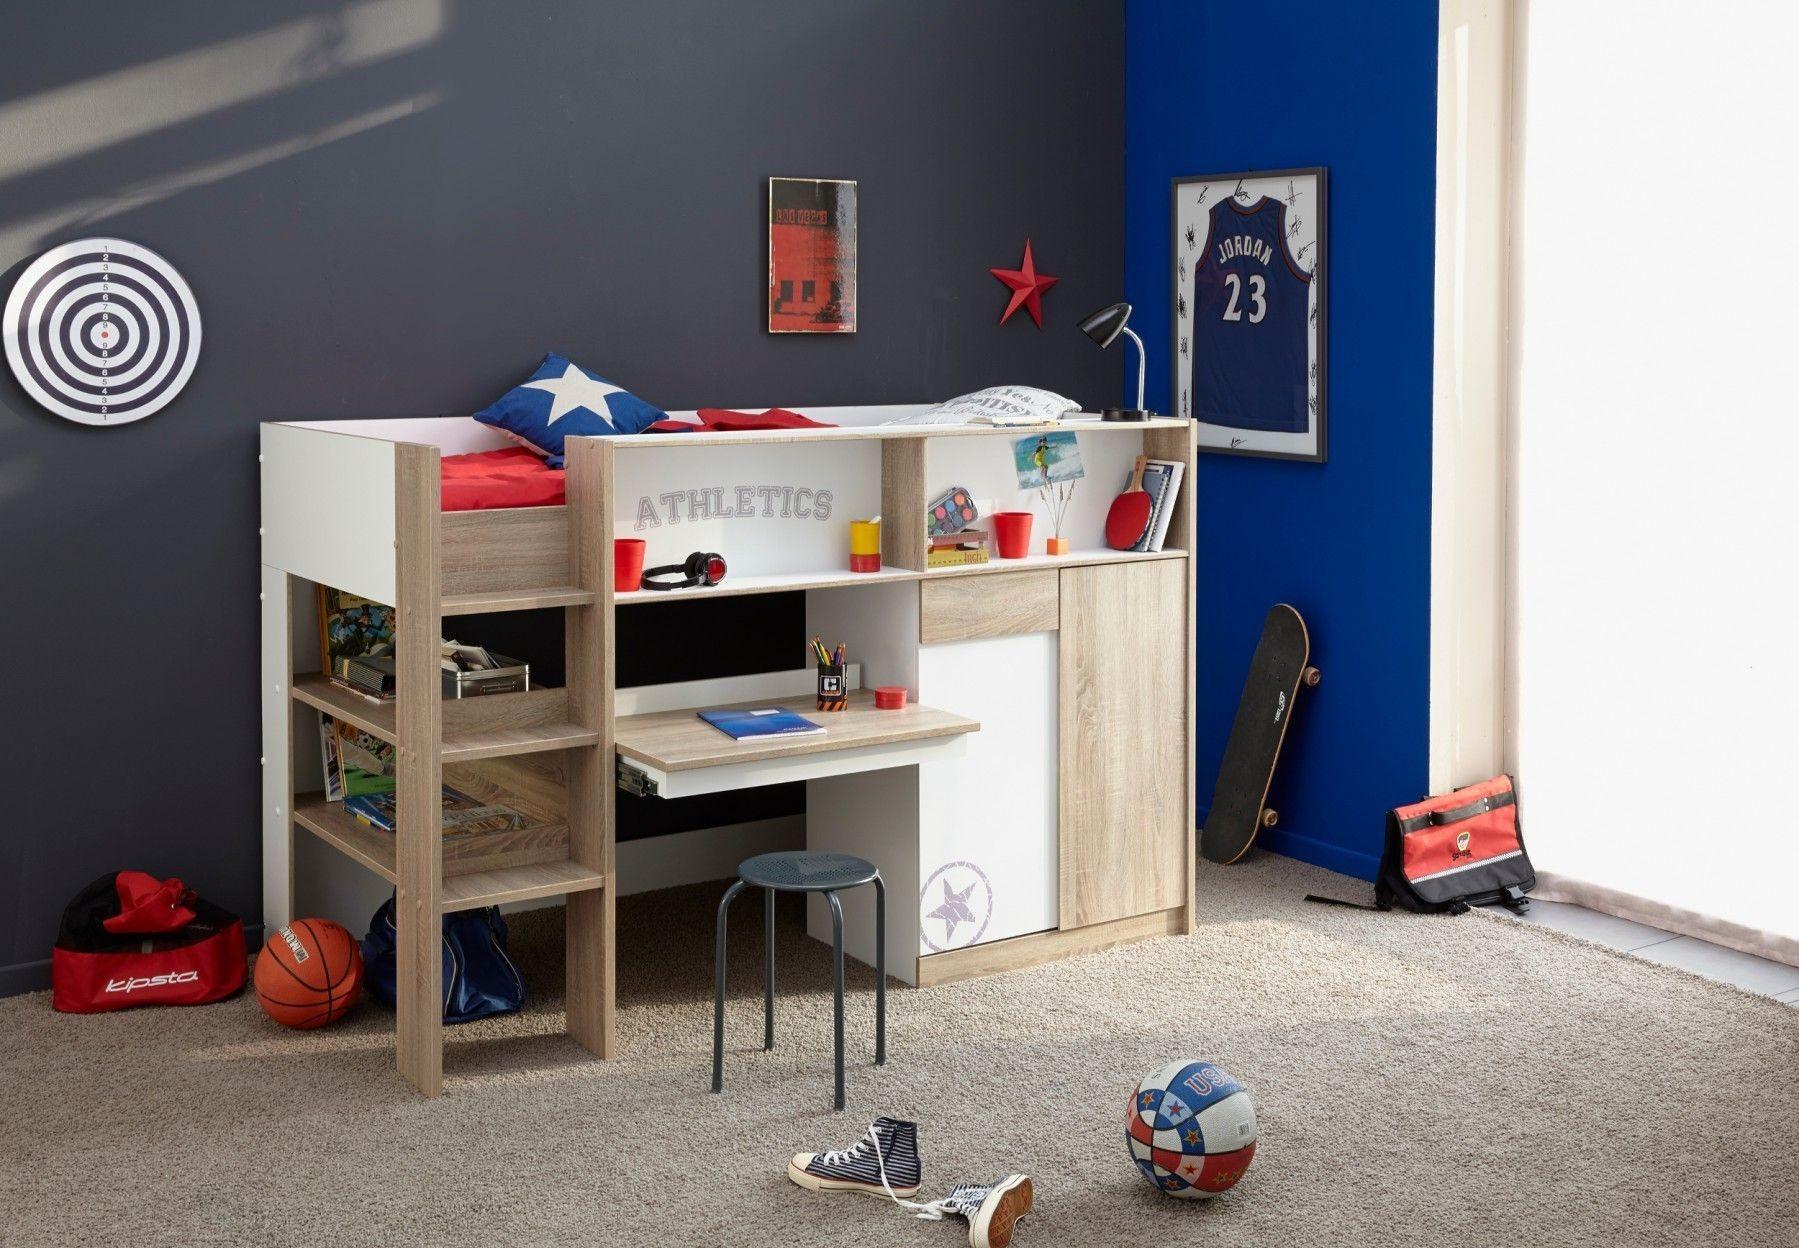 Lit Superposé Ado Joli Chambre Enfant Lit Superposé Kidsfurniturefarm